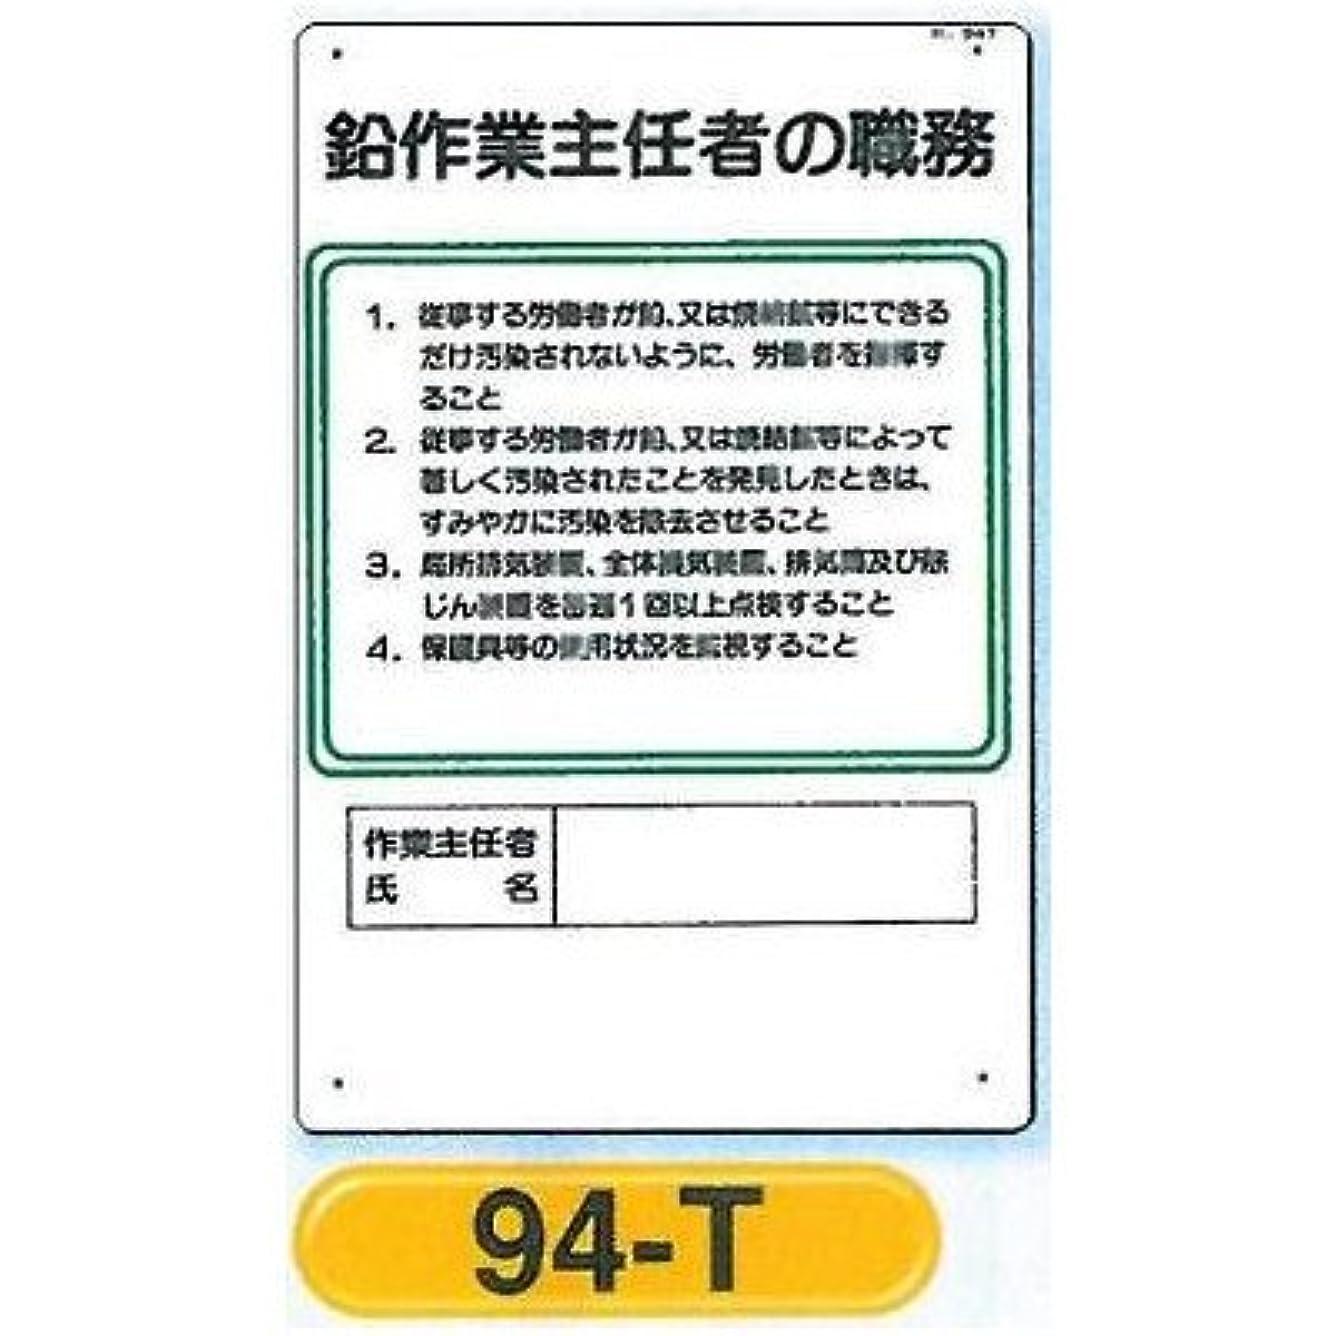 銛全くエゴイズムつくし工房 作業主任者の職務板 鉛作業主任者の職務板 94-T